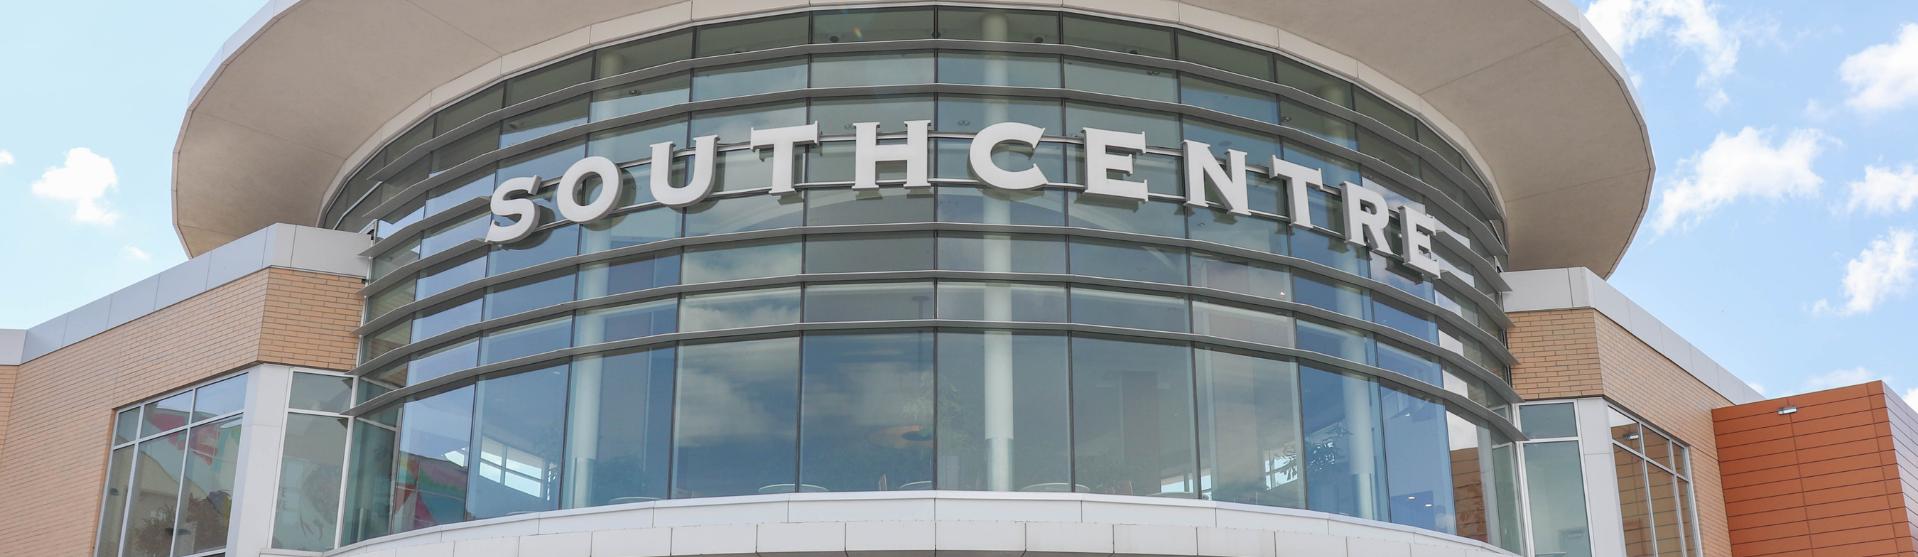 Southcentre exterior shot